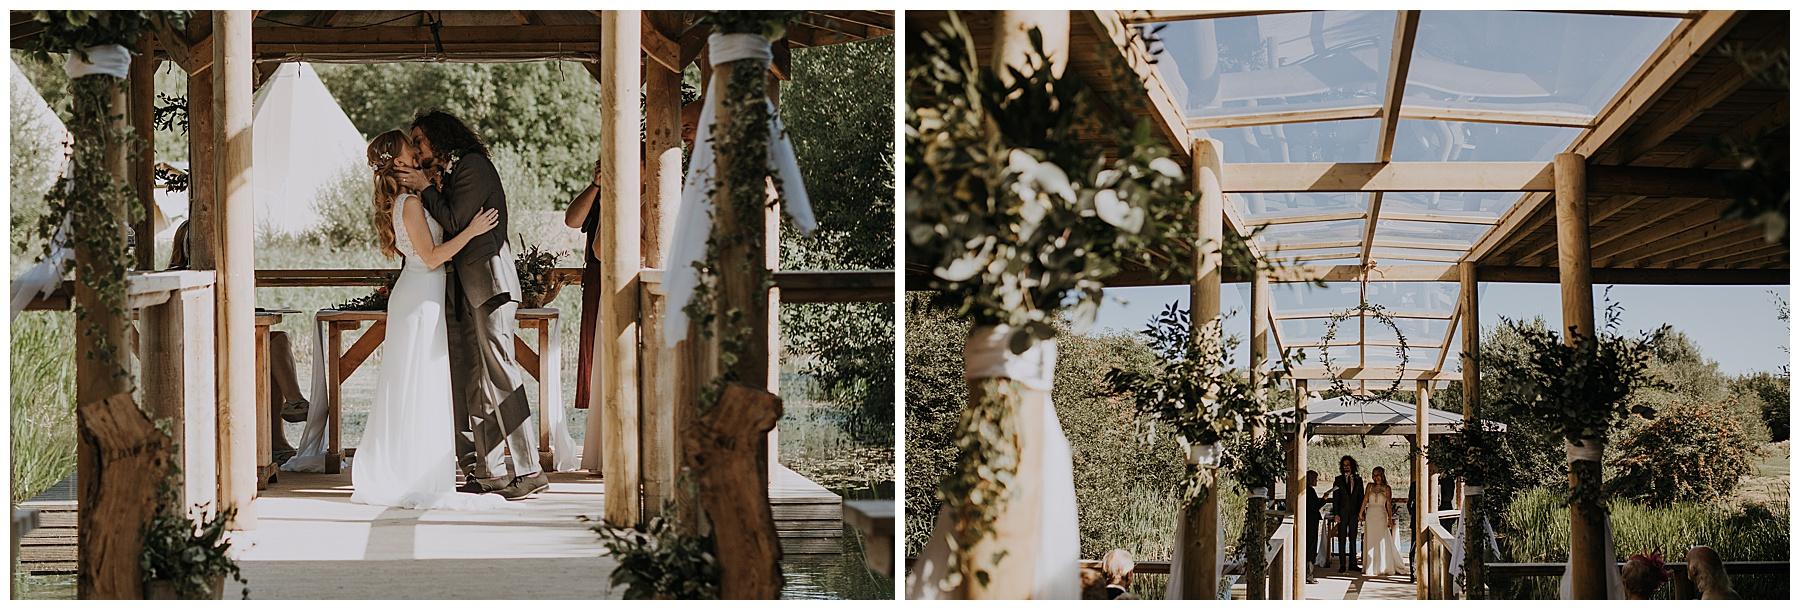 a wedding day first kiss